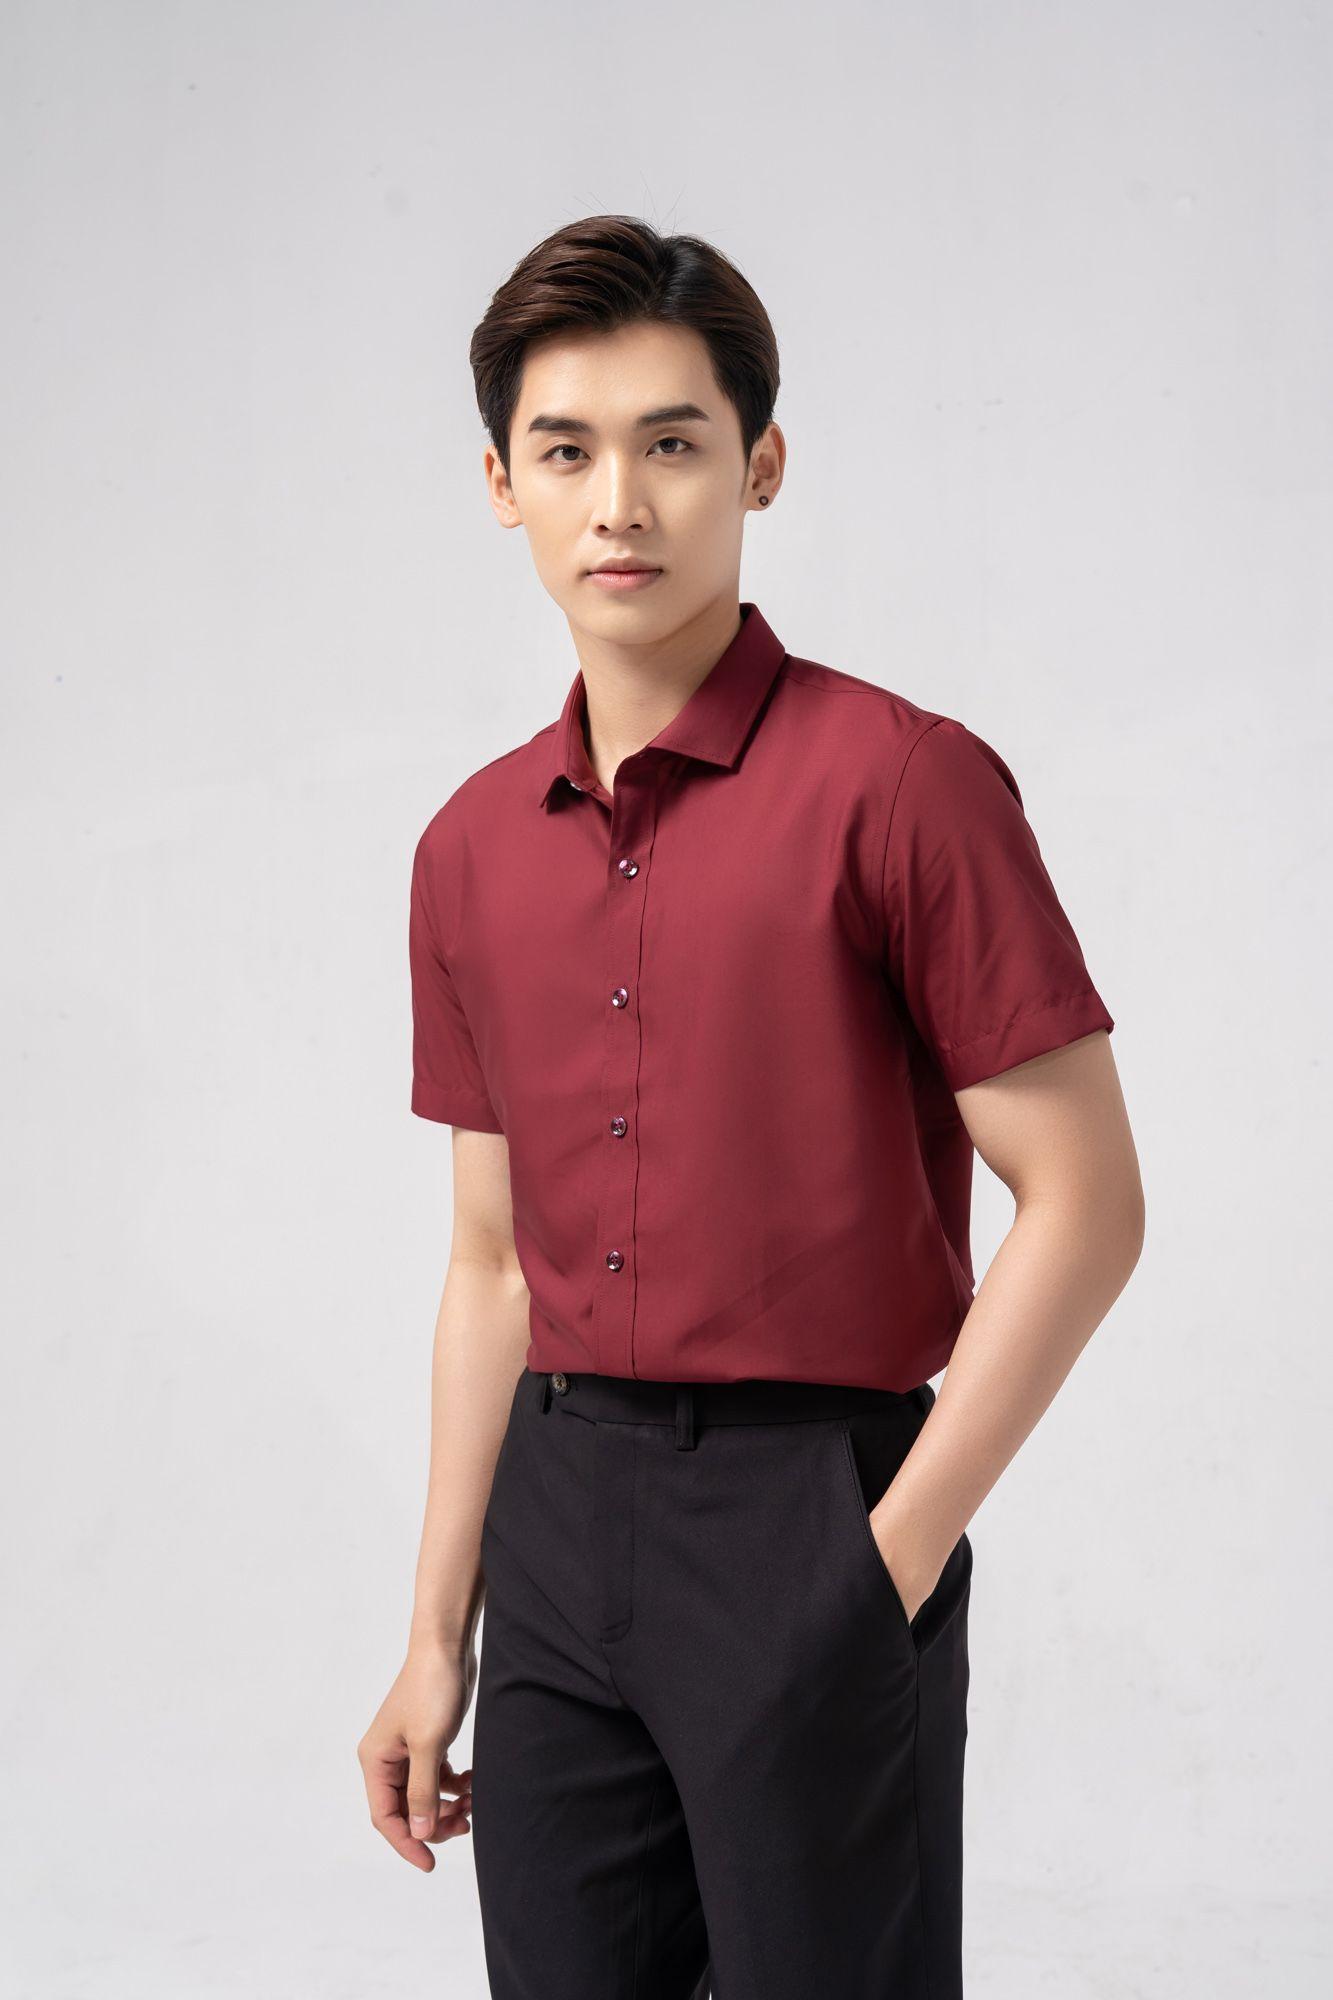 áo sơ mi nam màu đỏ